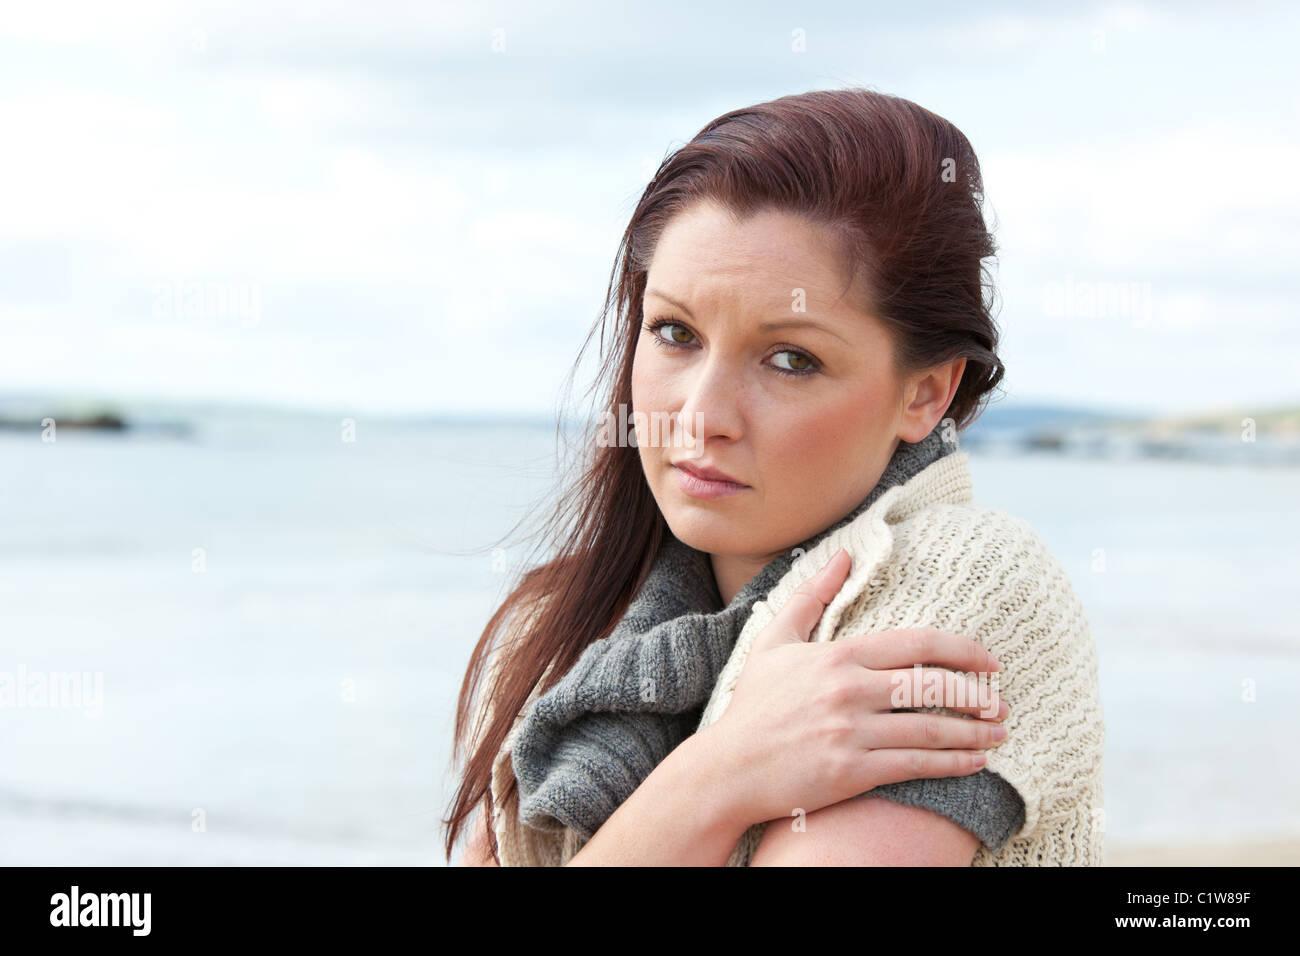 Downcast woman wearing hat and scarf sur la plage Photo Stock